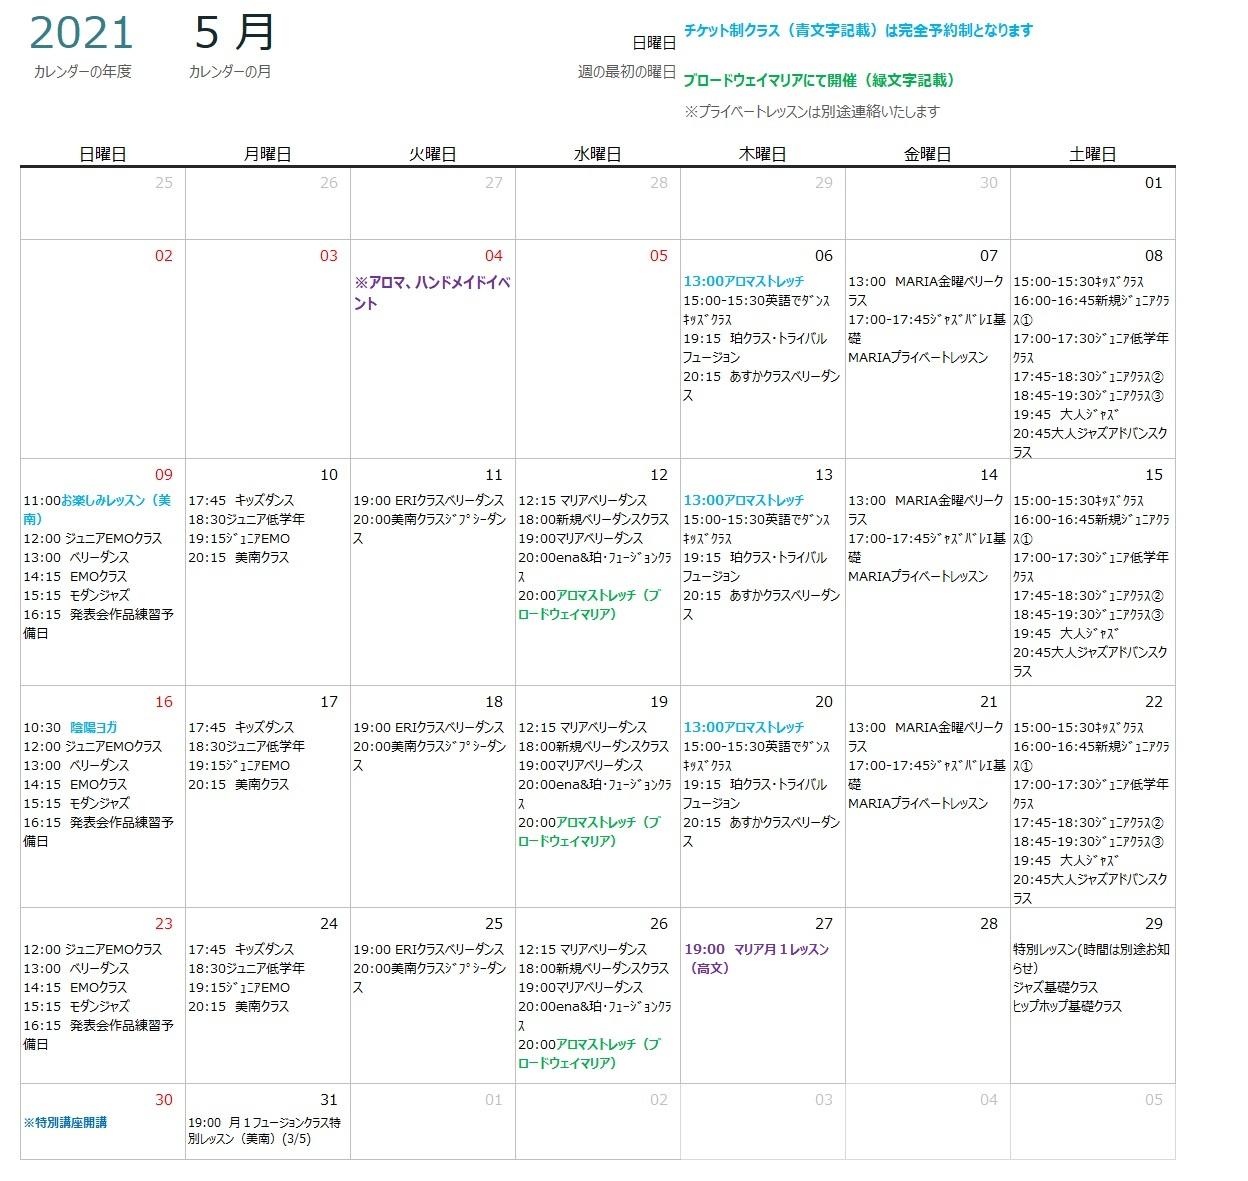 ブロードウェイ・マリア/マリアスタジオ(スタジオスケジュール)3月3日更新_c0201916_14341035.jpg